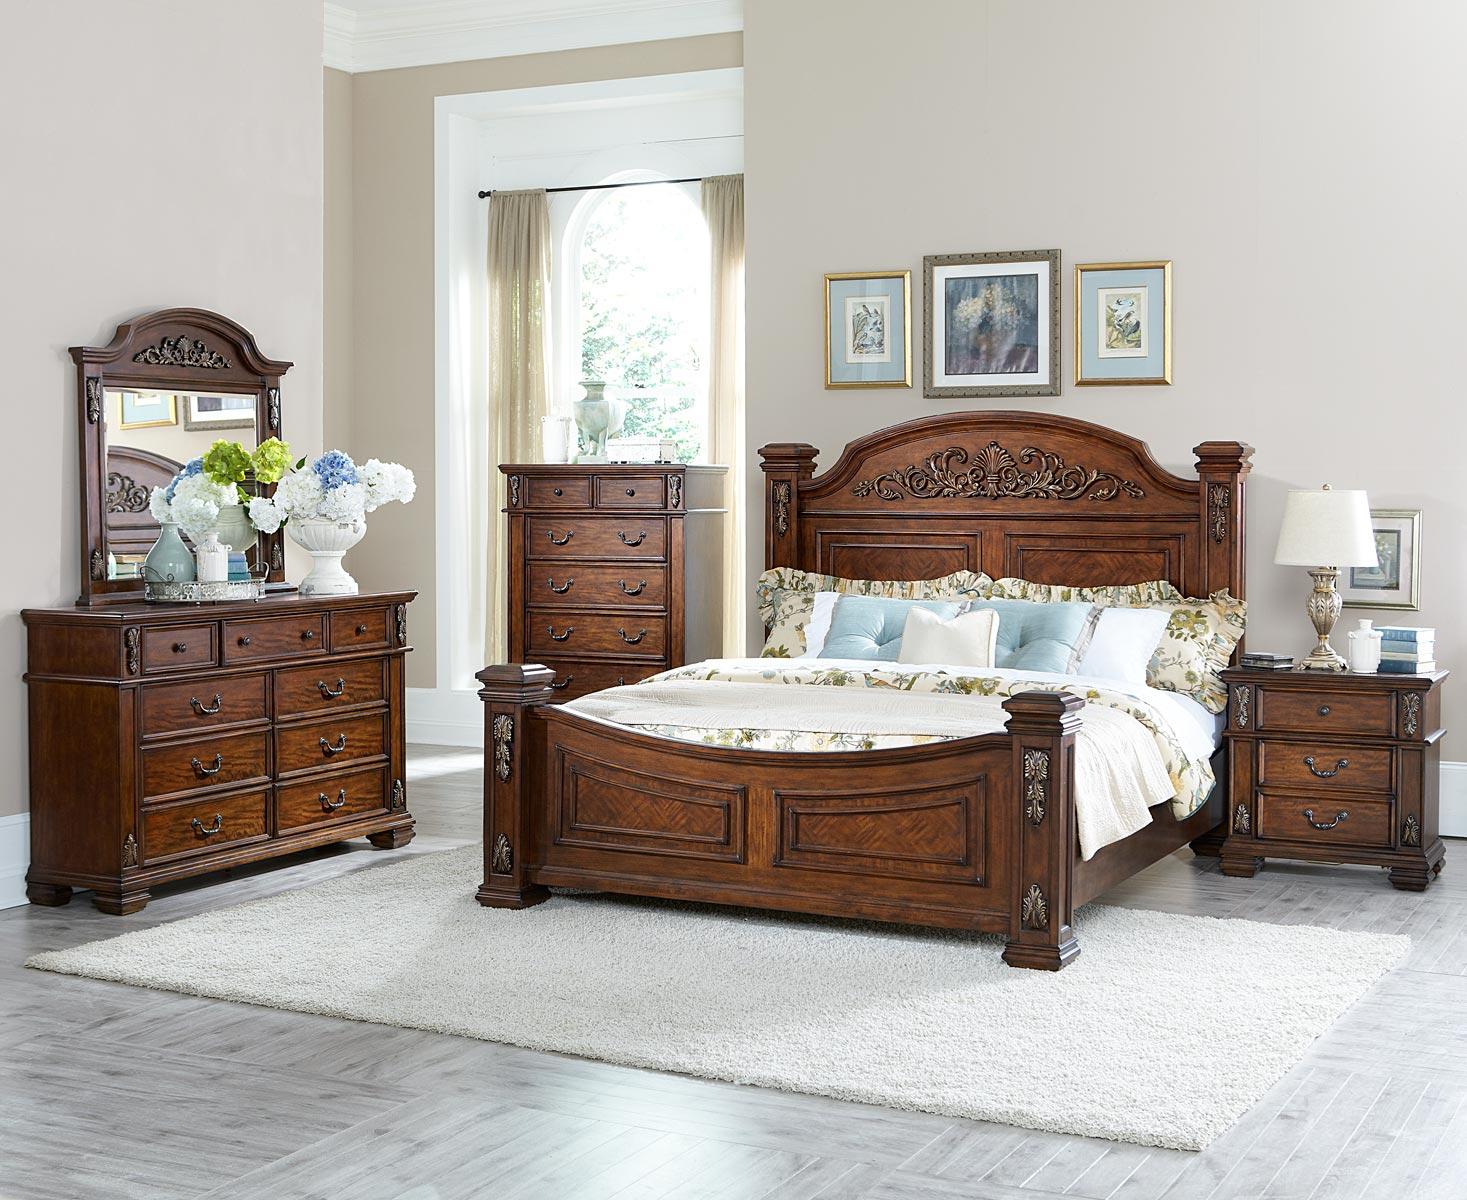 Homelegance donata falls bedroom set warm brown 1800 bed for 1800 beds